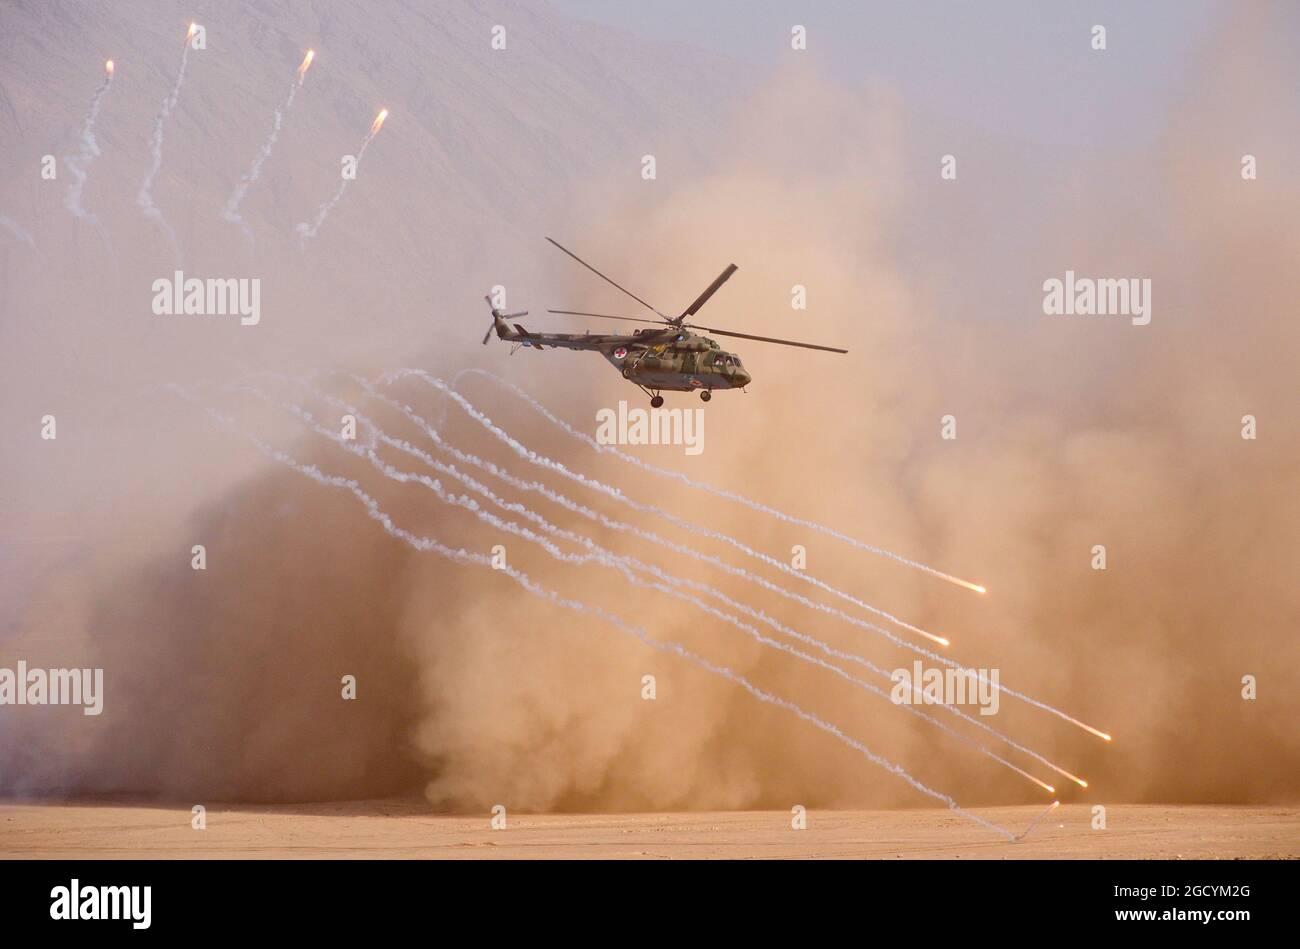 Regione di Khatlon, Tagikistan. 10 agosto 2021. Un elicottero è visto durante un esercizio militare congiunto da parte della Russia, del Tagikistan e dell'Uzbekistan sul terreno di addestramento militare Harb-Maidon, a 20 km dal confine con l'Afghanistan. 2,500 militari (tra cui 1,800 militari russi) con circa 500 pezzi di hardware militare partecipano all'esercizio militare, che va dal 5 al 10 agosto 2021. Credit: Nozim Kalandarov/TASS/Alamy Live News Foto Stock